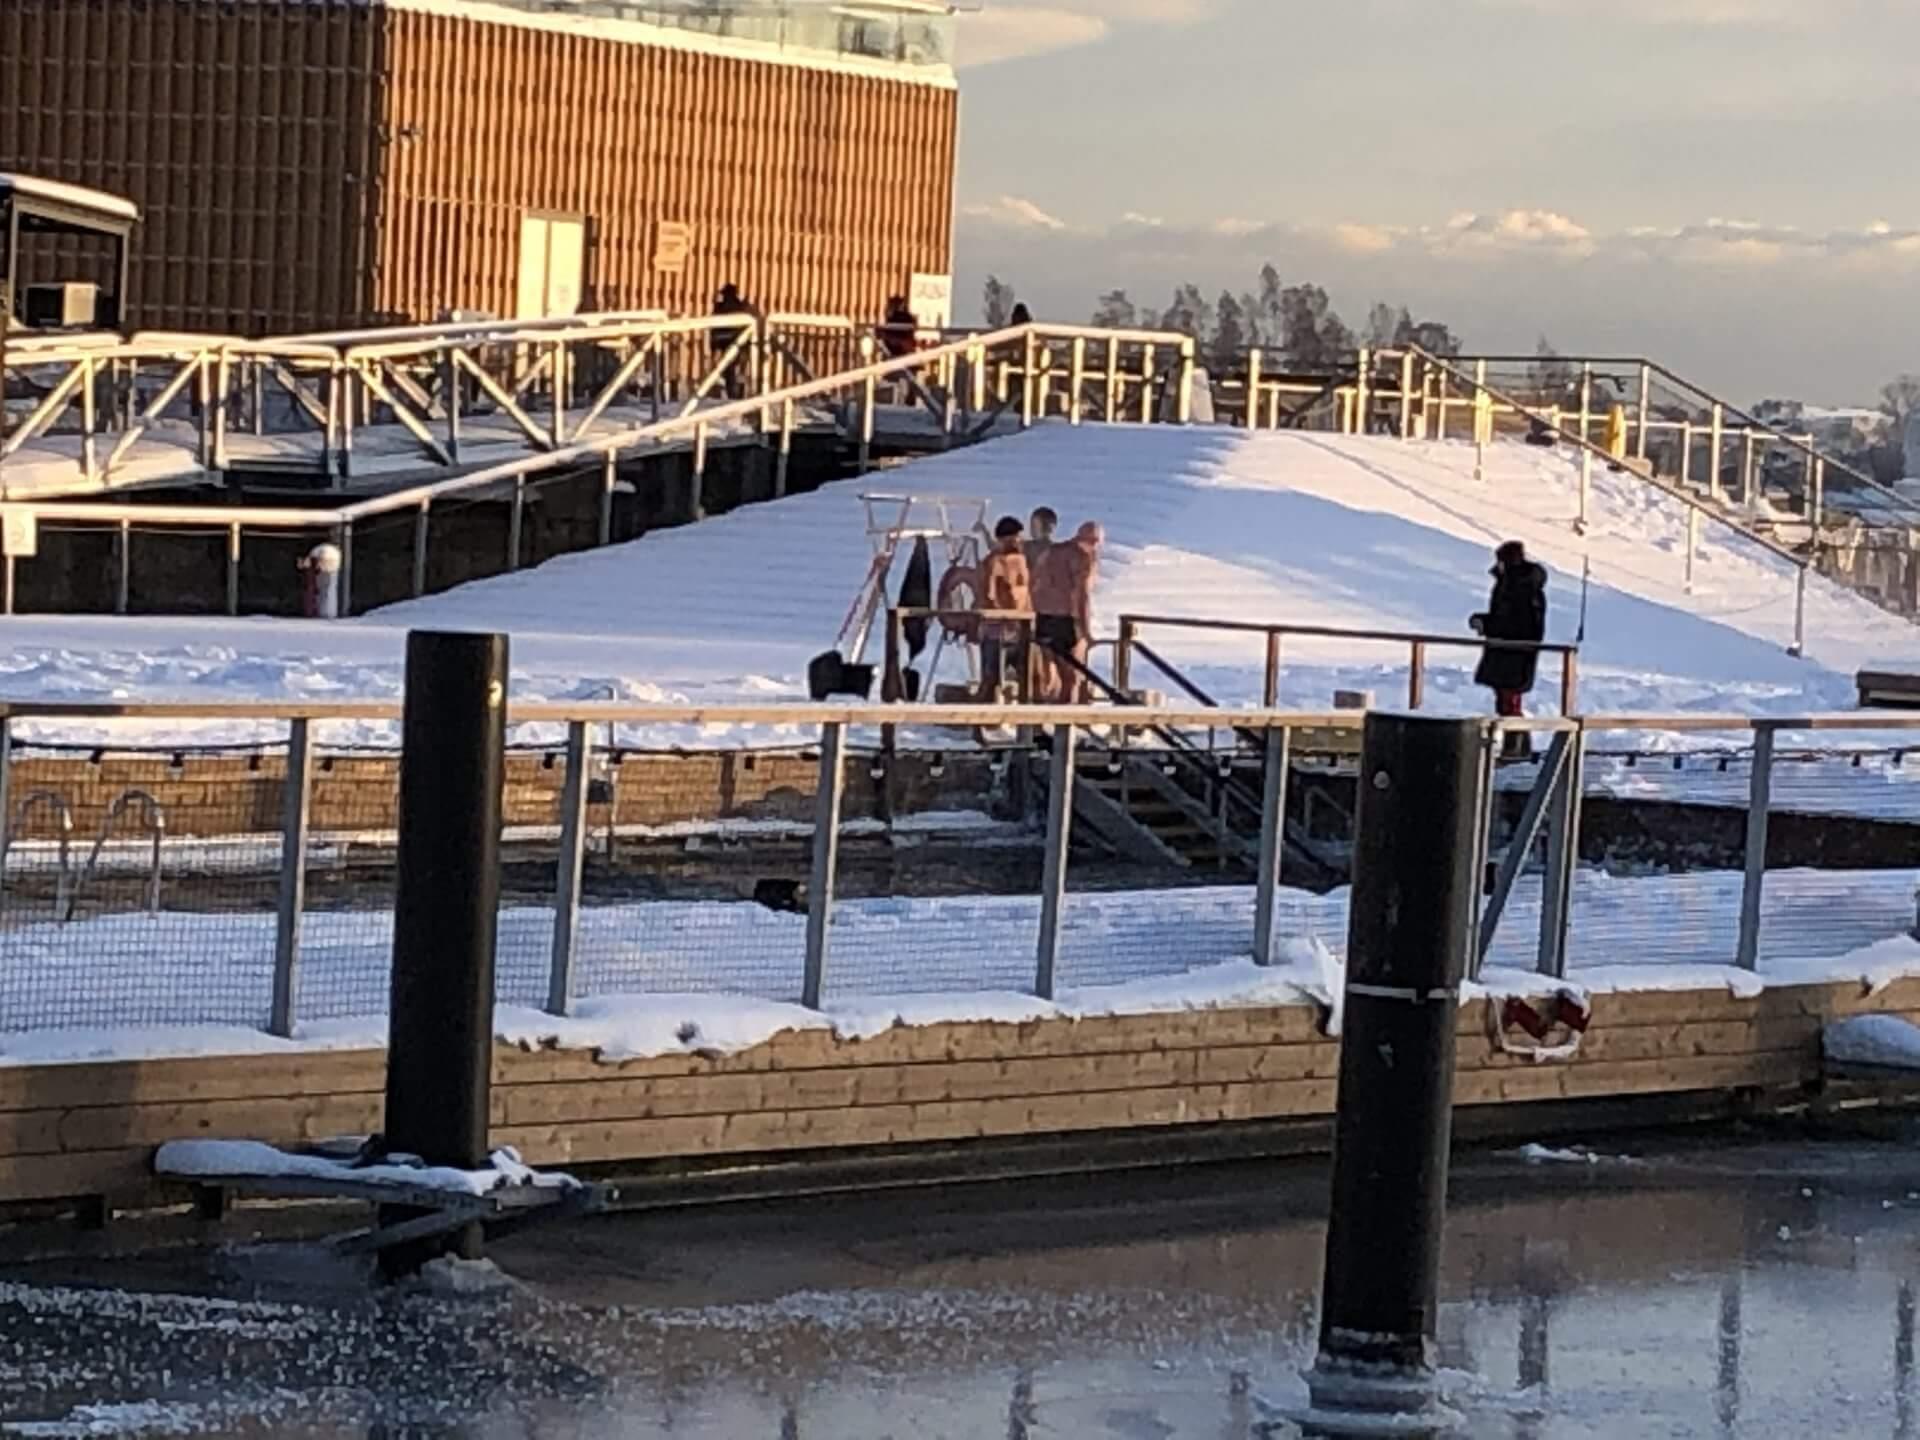 アッラス・シープールのサウナから出てきた人たち。真冬のプールに飛び込んでいた